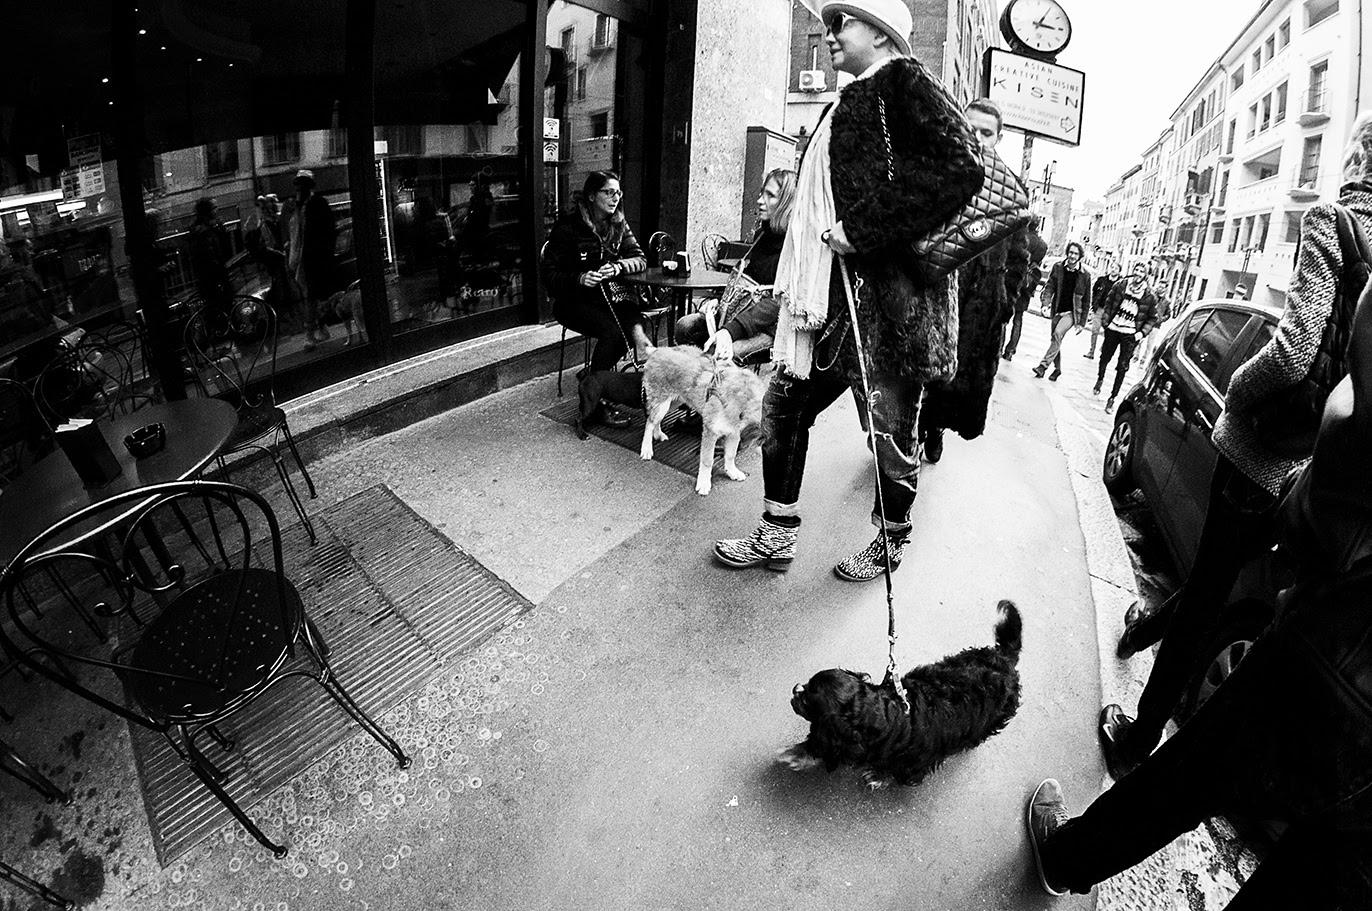 MILUNA-Ewa-Milun-Walczak-Mediolan-ludzie-ulica-przechodzni-mediolanczycy-Przechodnie-14